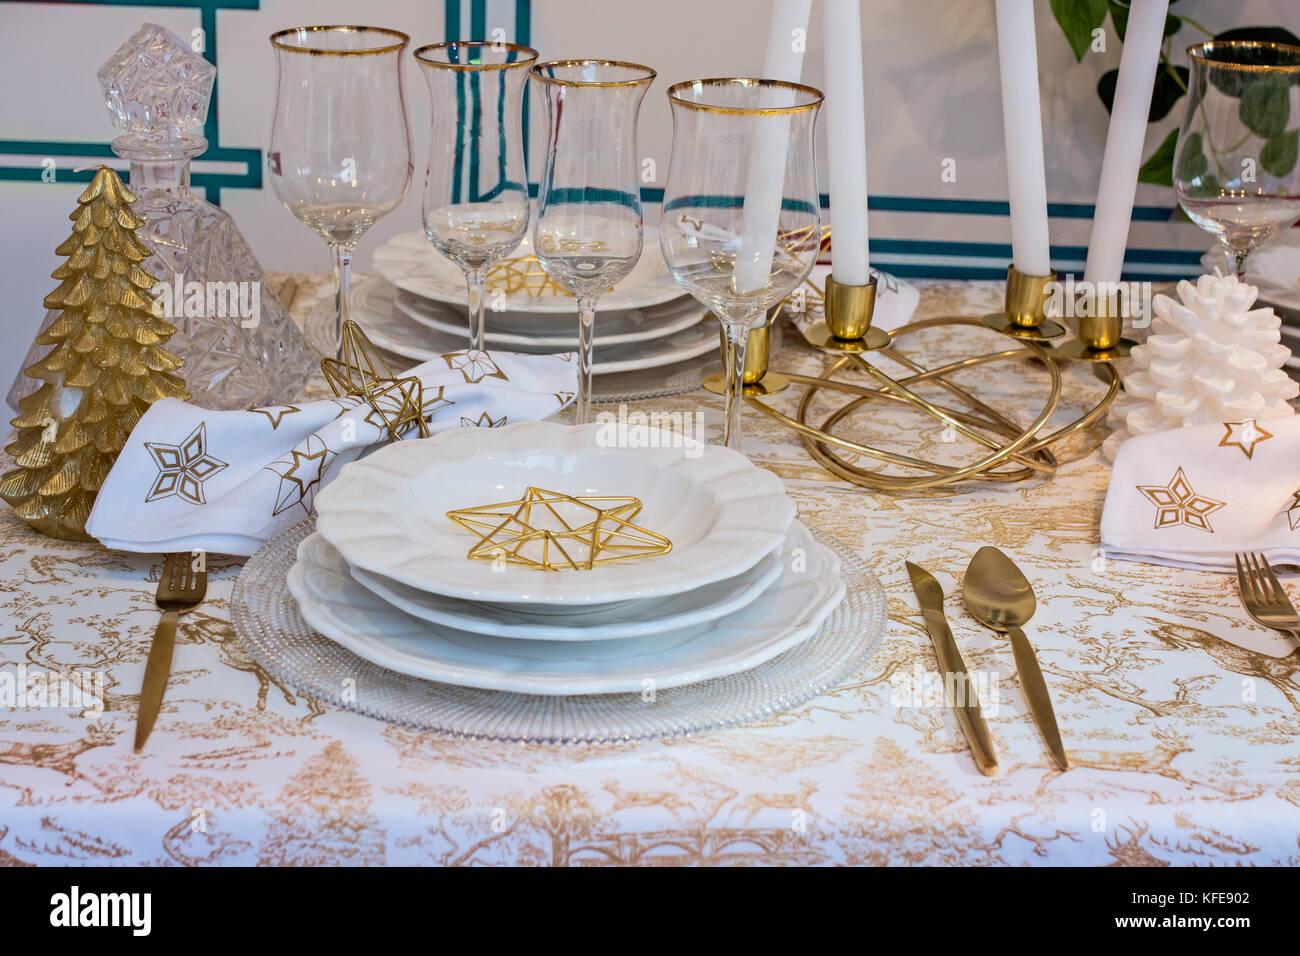 Elegante Tischdekoration Fur Weihnachten Gold Und Weiss Dekoration